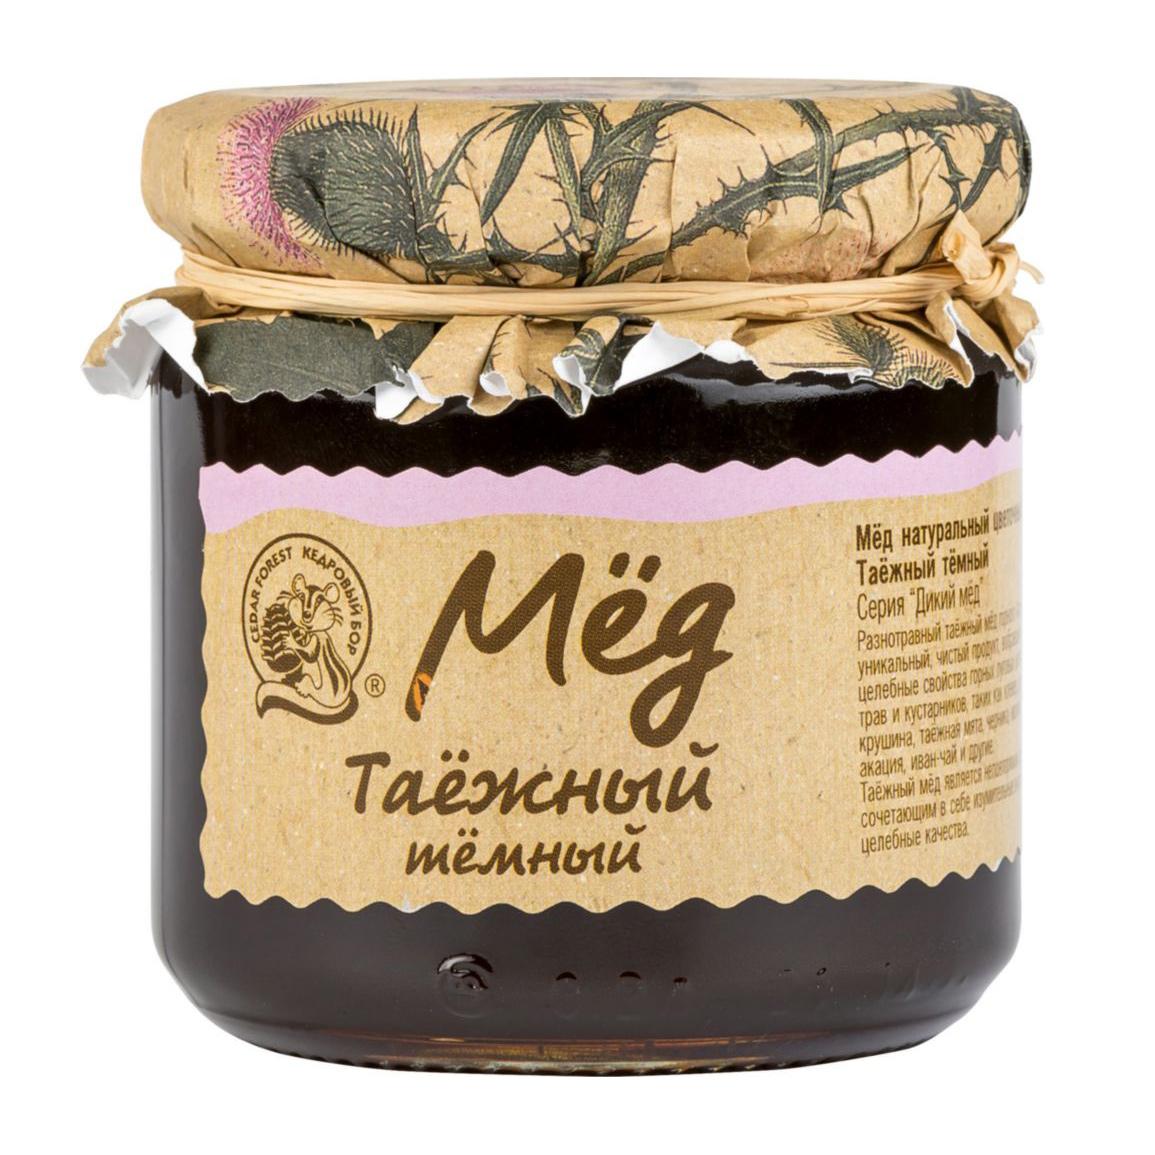 Мед цветочный Кедровый Бор Таежный 245 г мед дикий мед башкирский цветок цветочный 600 г